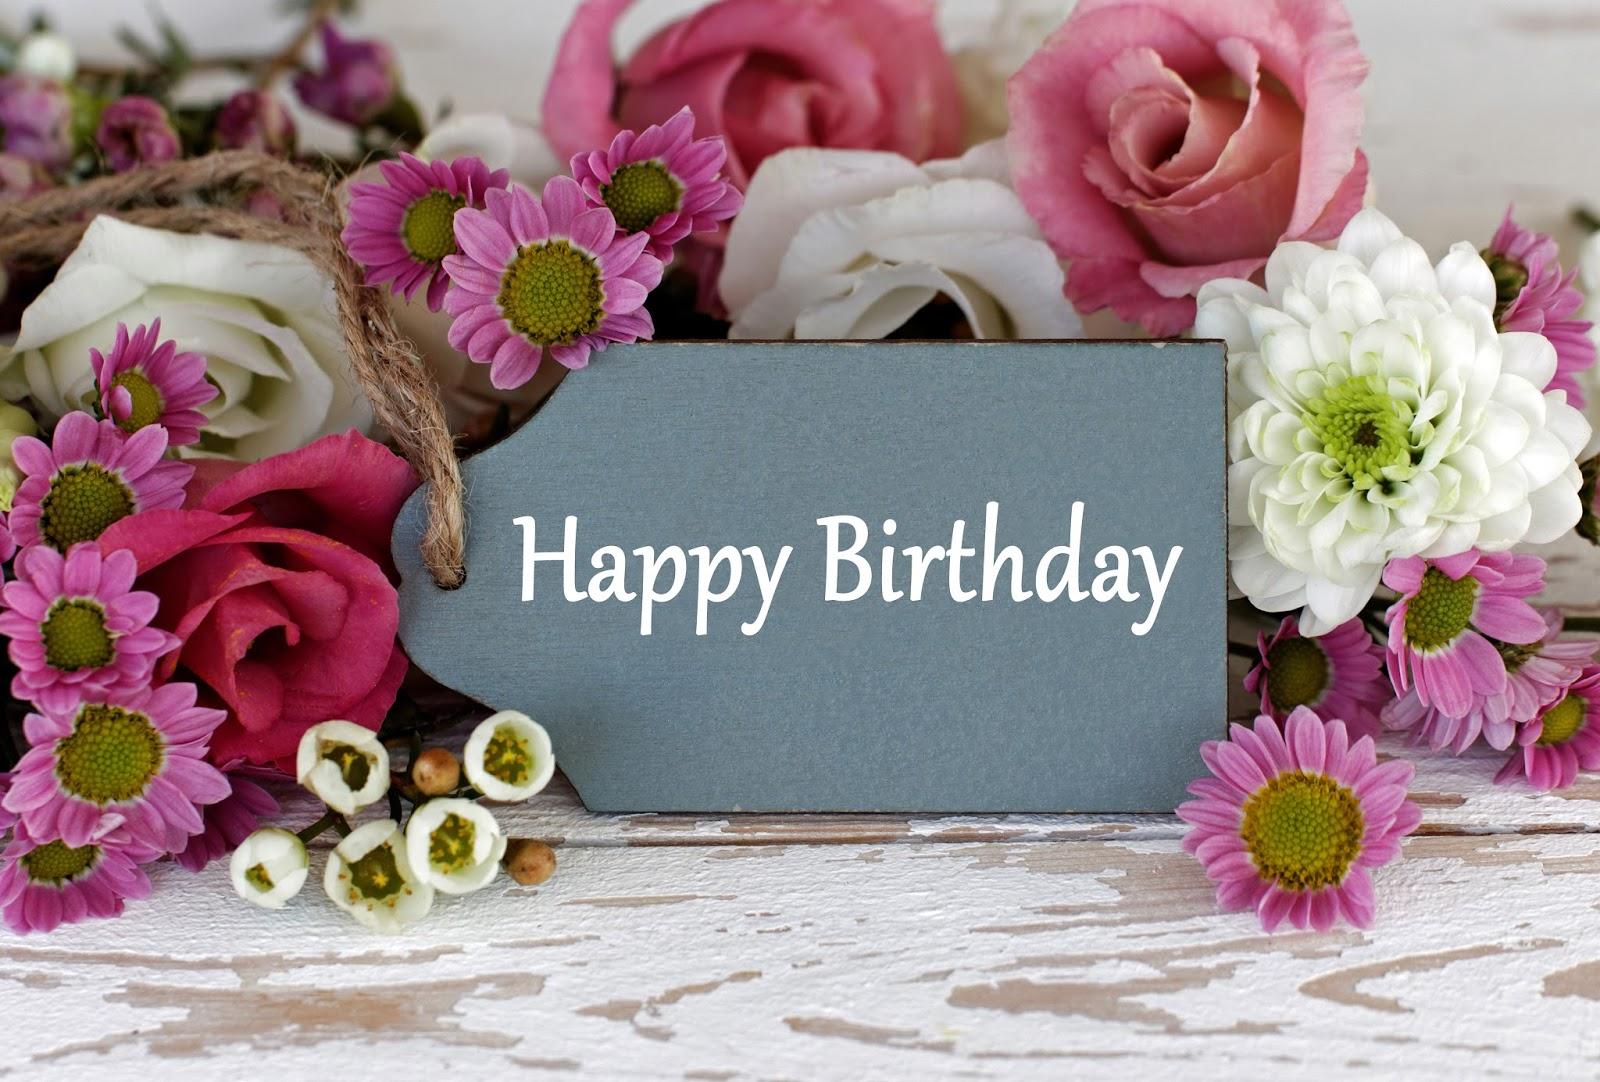 Best online flowers: Best Birthday Flowers : Withlovenregards